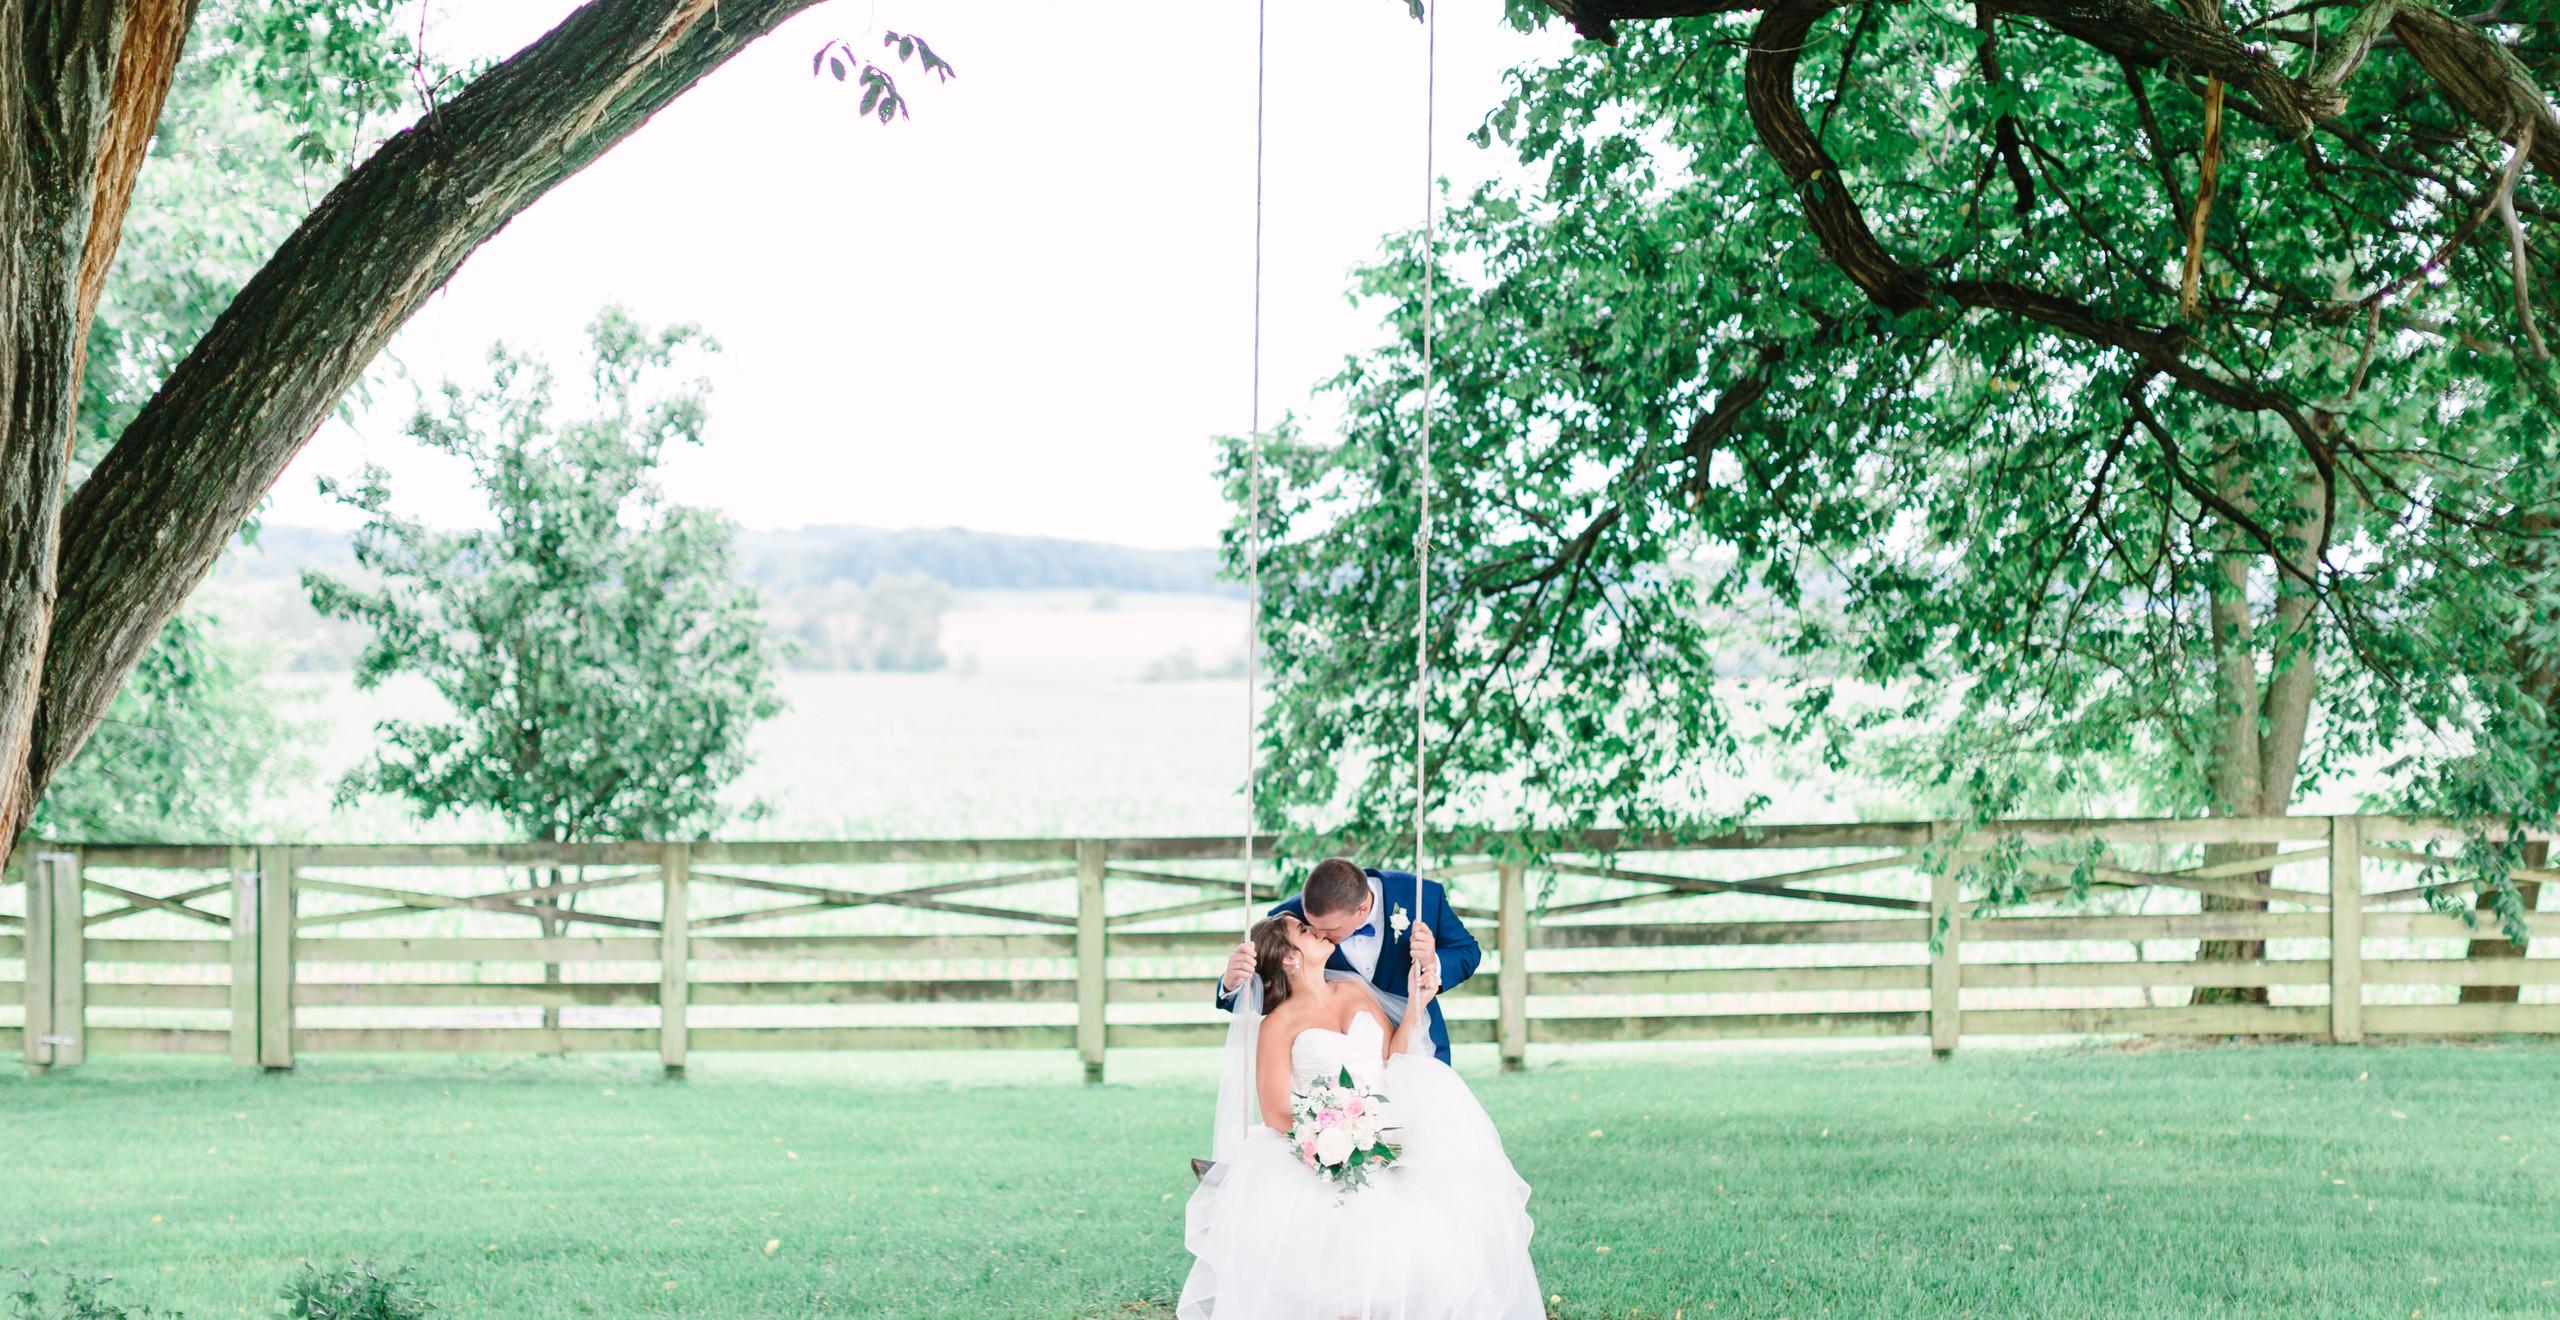 groom kissing bride sitting in swing